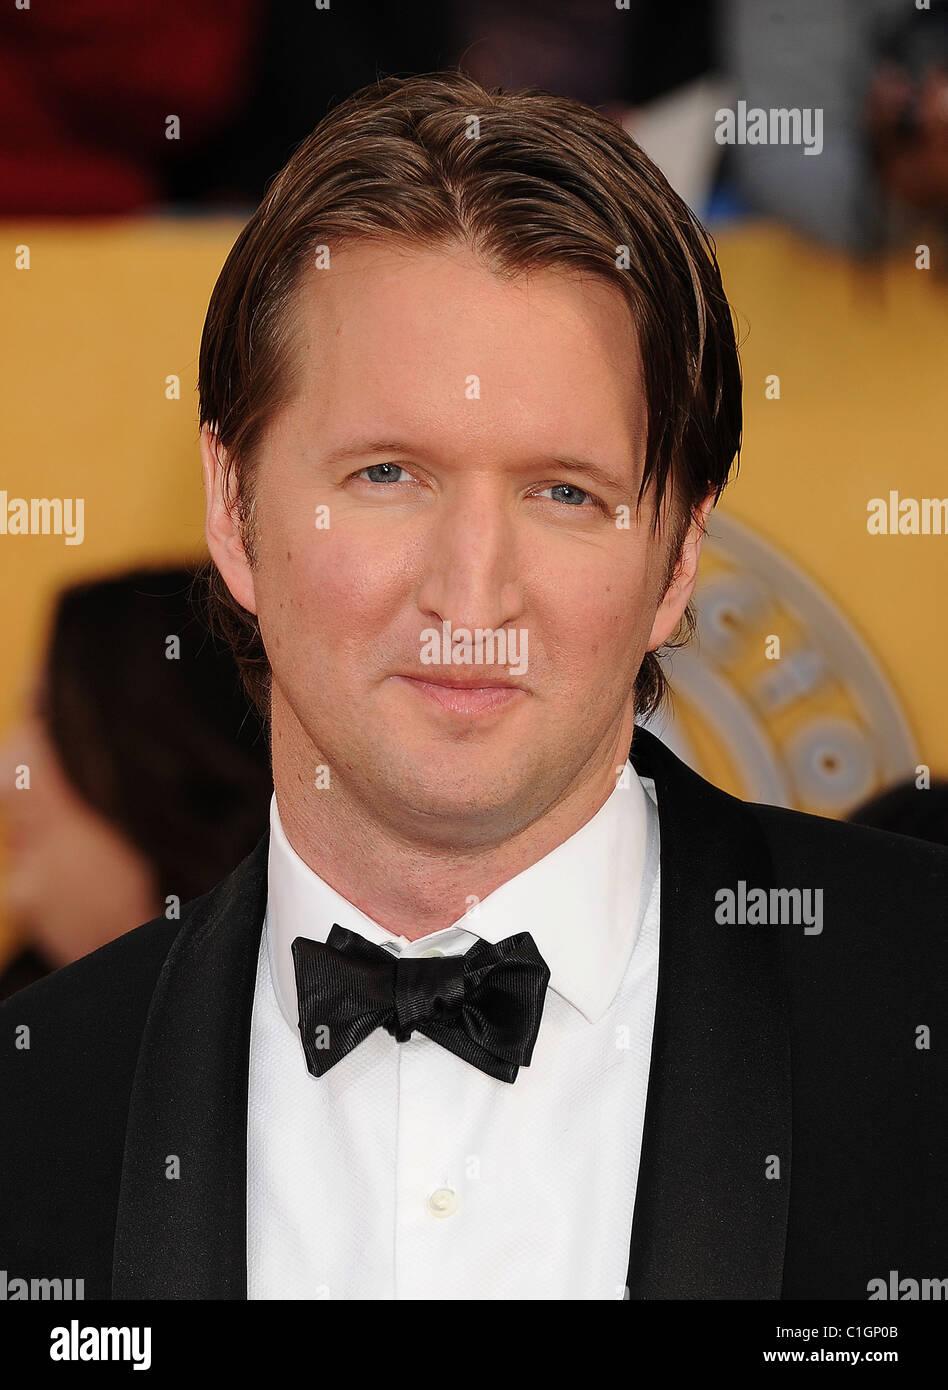 TOM HOOPER  UK film director in March 2011. Photo Jeffrey Mayer - Stock Image